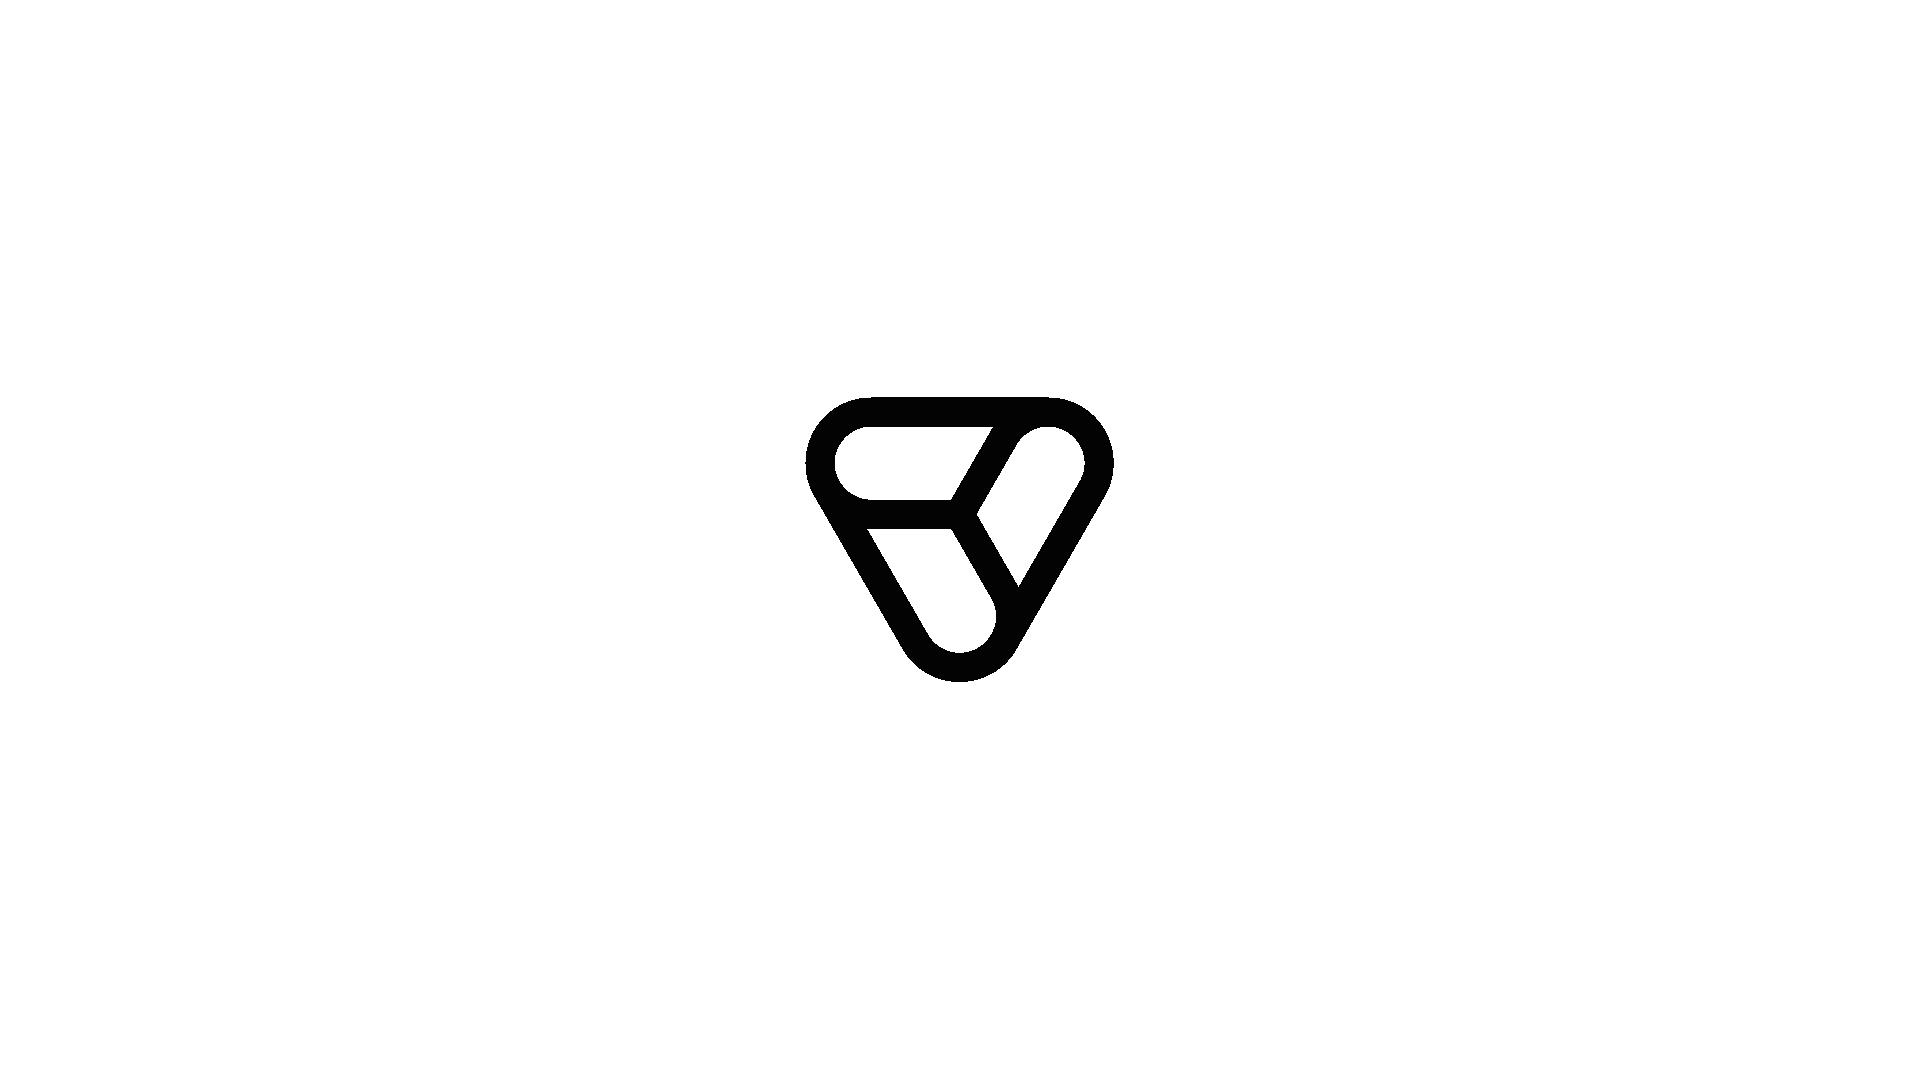 Volo-logo-charts-2